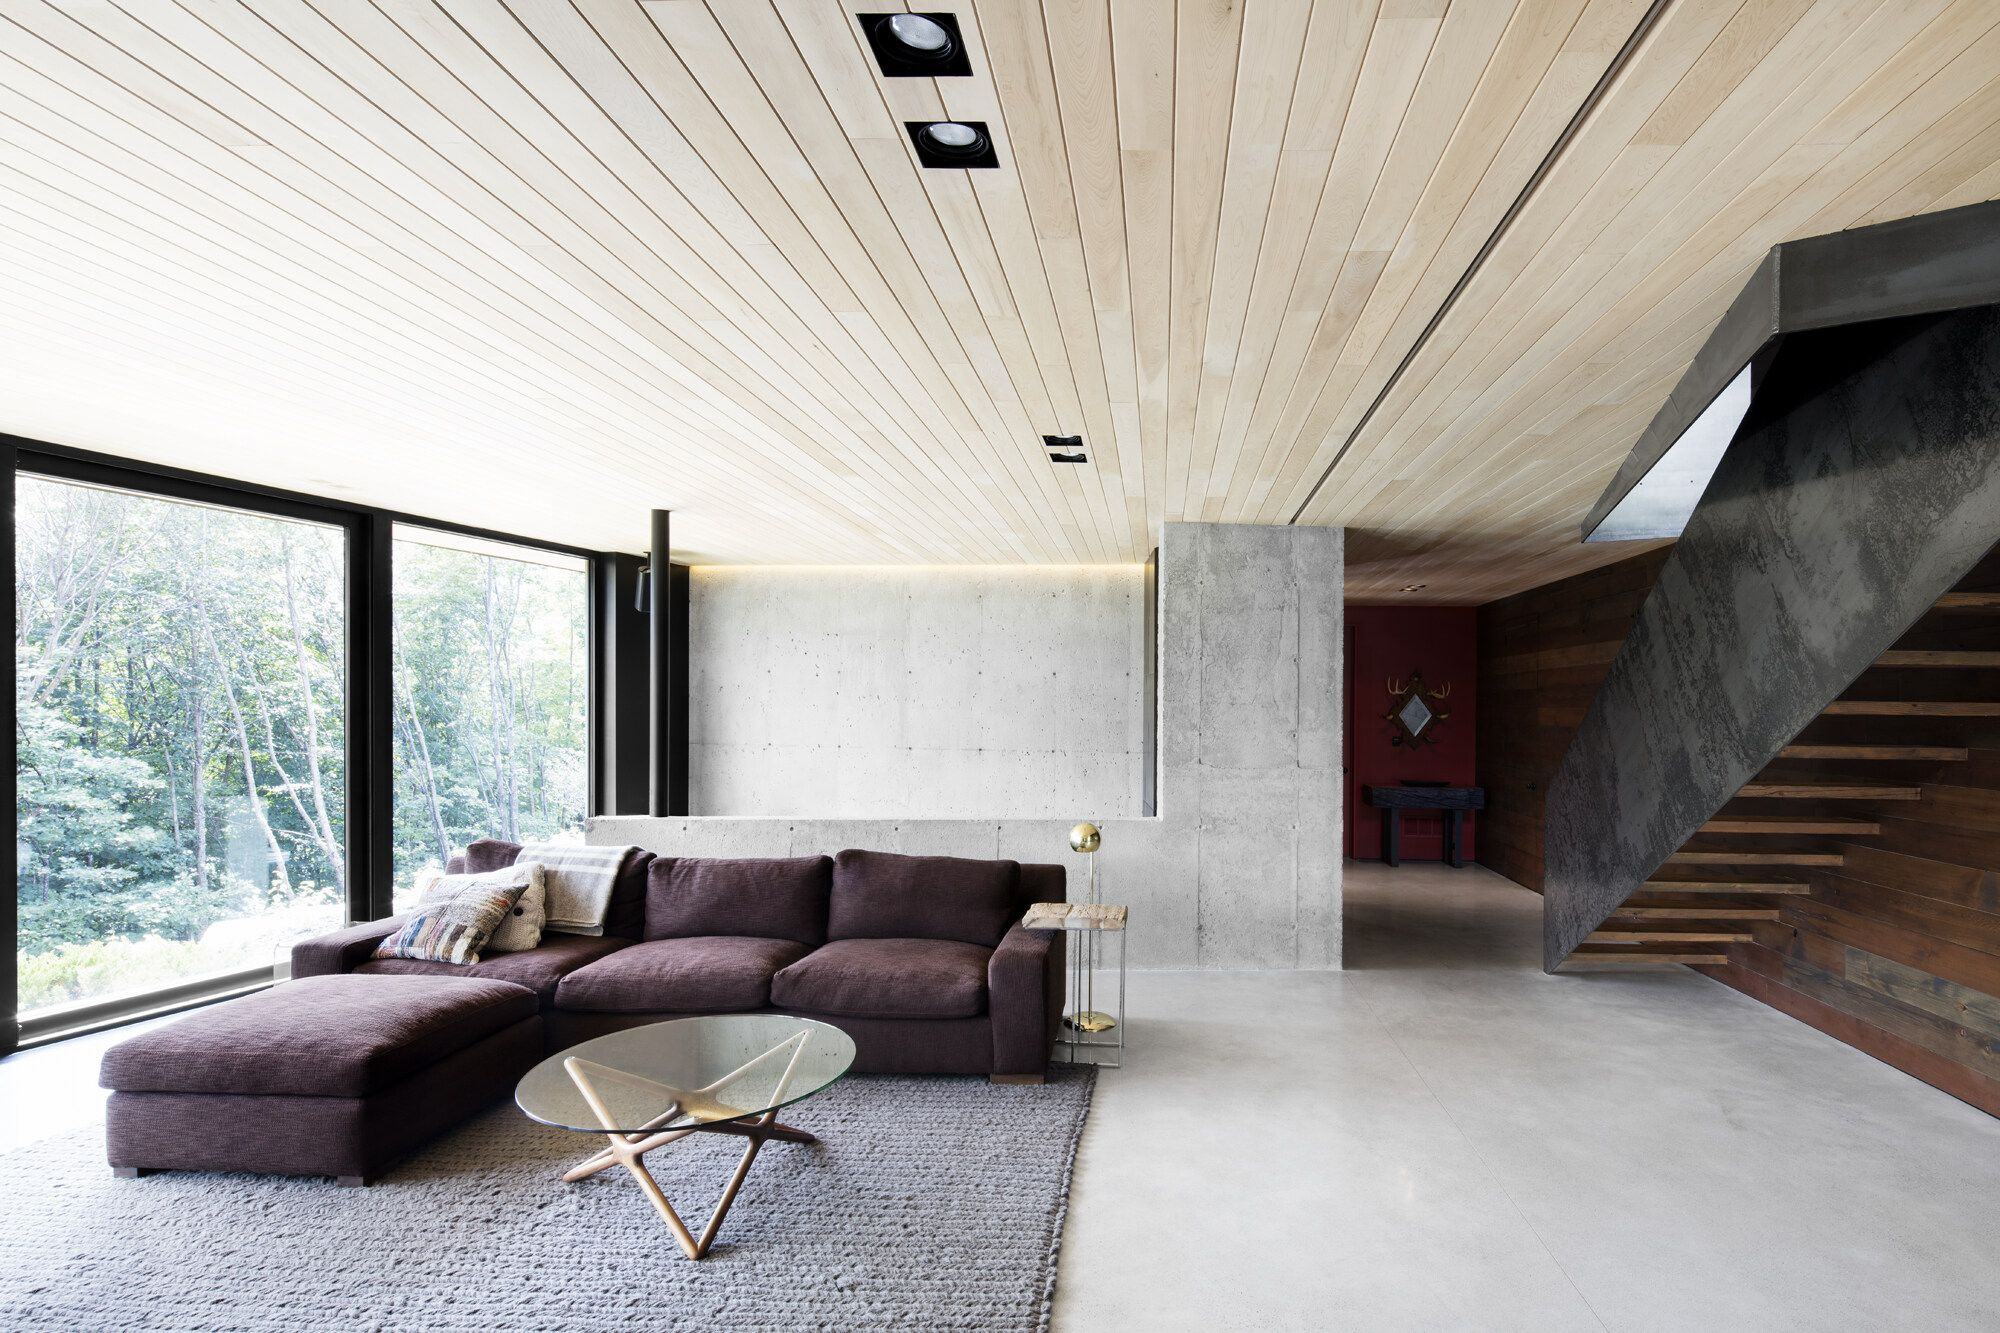 La héronnière leibal concrete interiors contemporary architecture interior architecture interior design